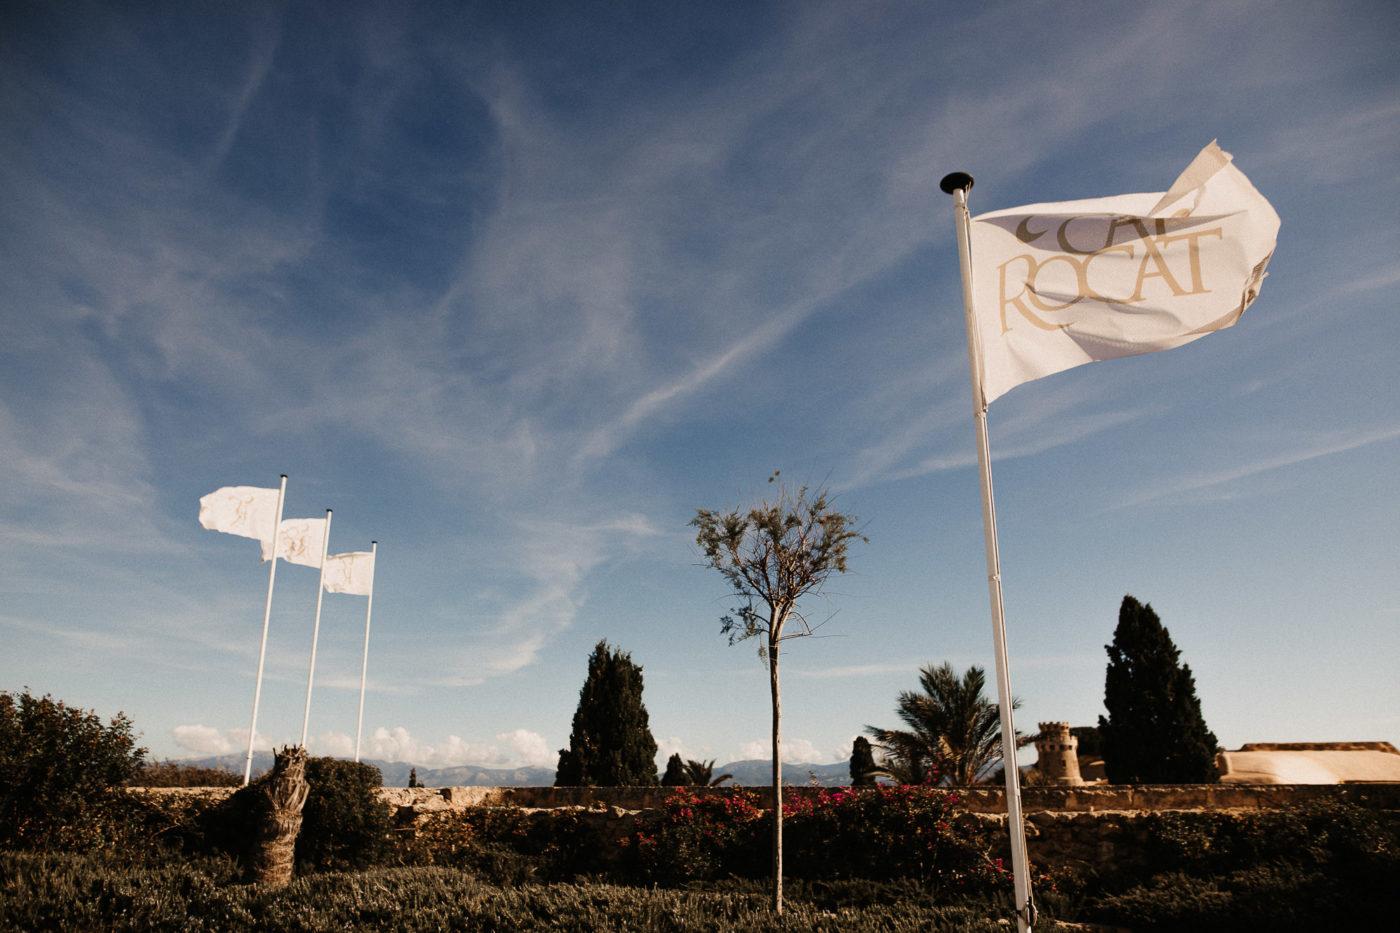 Die Cap Rocat Flaggen wehen im Wind